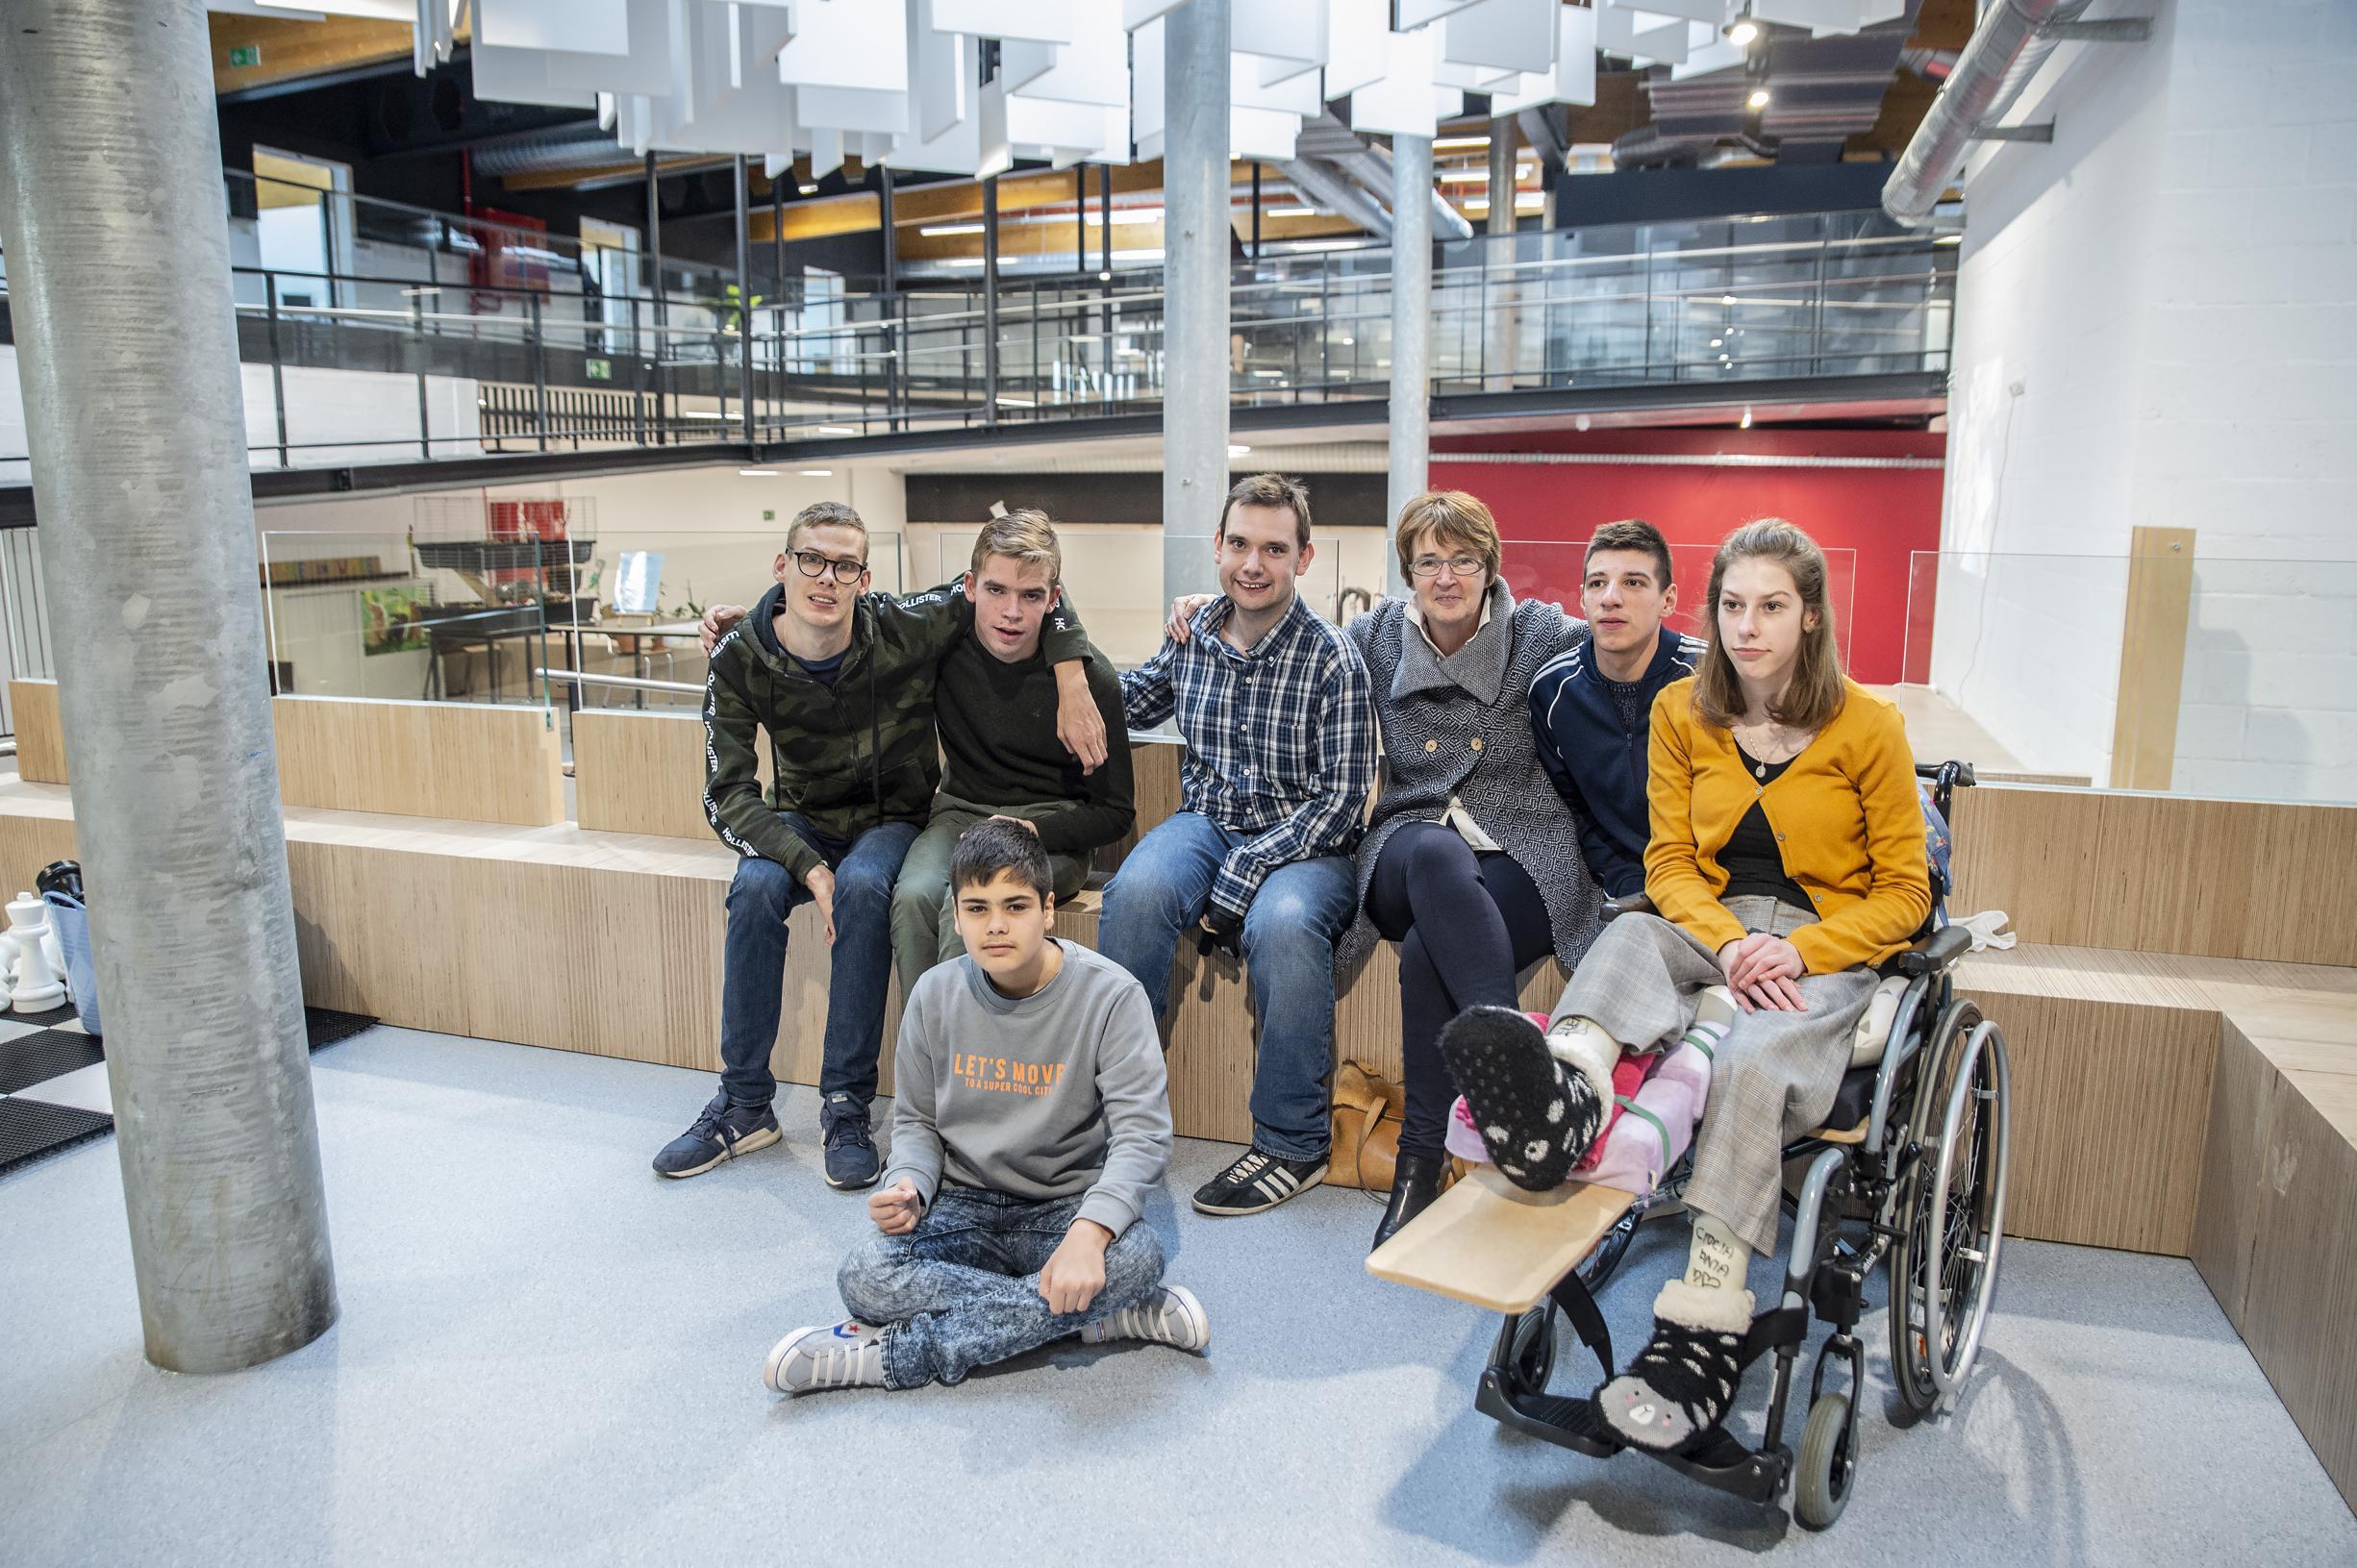 Leerlingen Dominiek Savio gebruiken nieuw gebouw dat gebaseerd is op kunstwerk